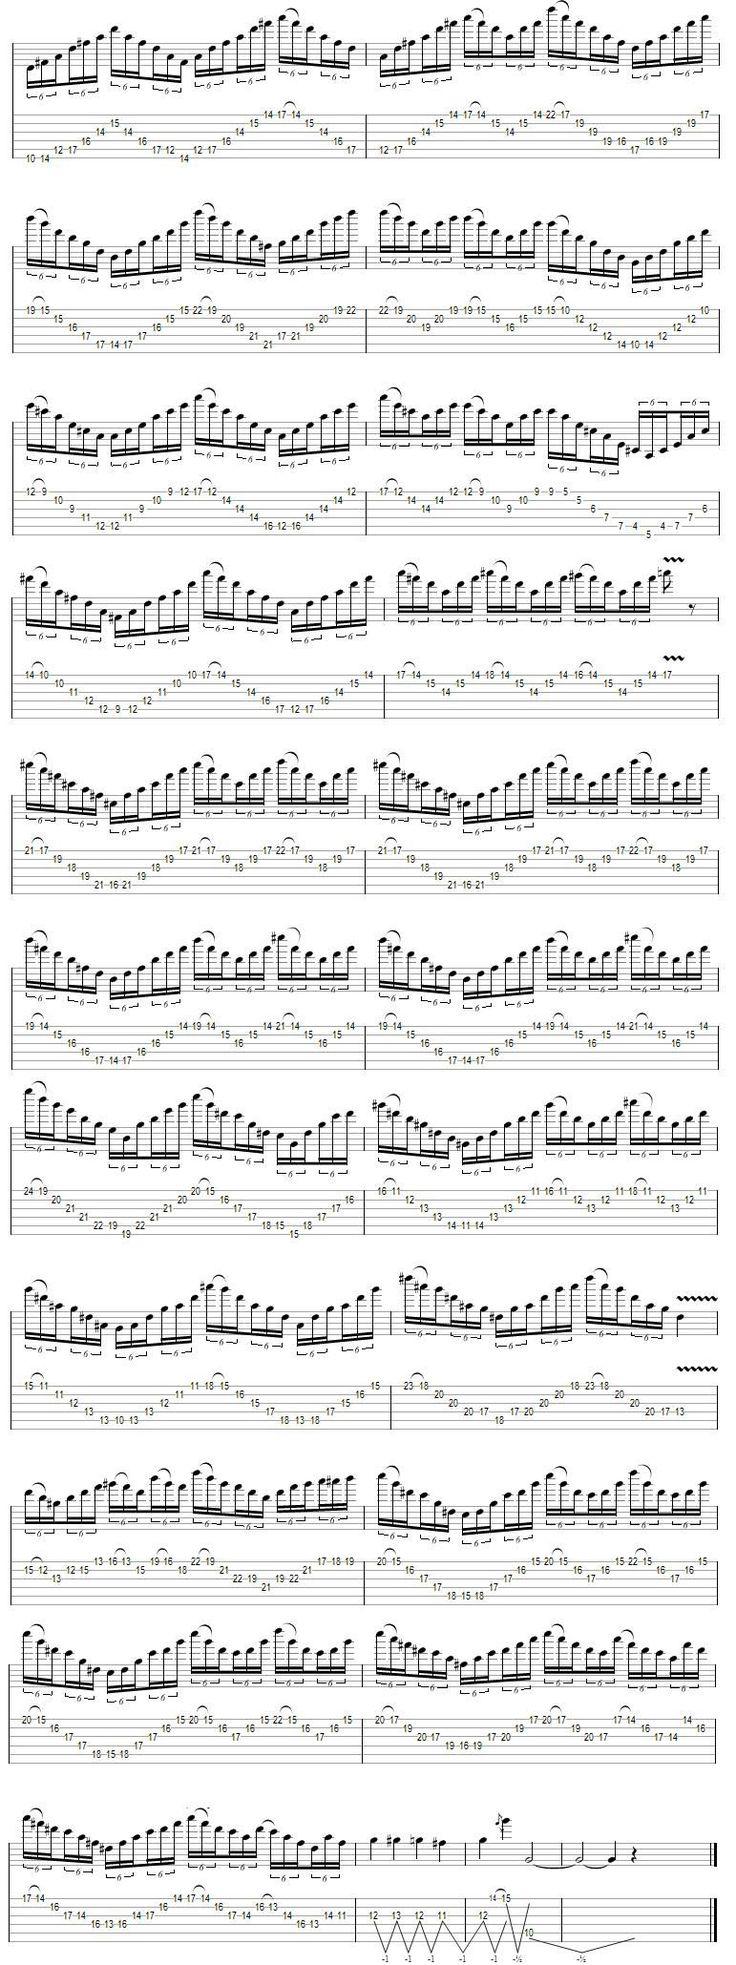 Best 25 blues guitar chords ideas on pinterest music theory guitarteacherleswordpress 2008 04 serranag hexwebz Gallery